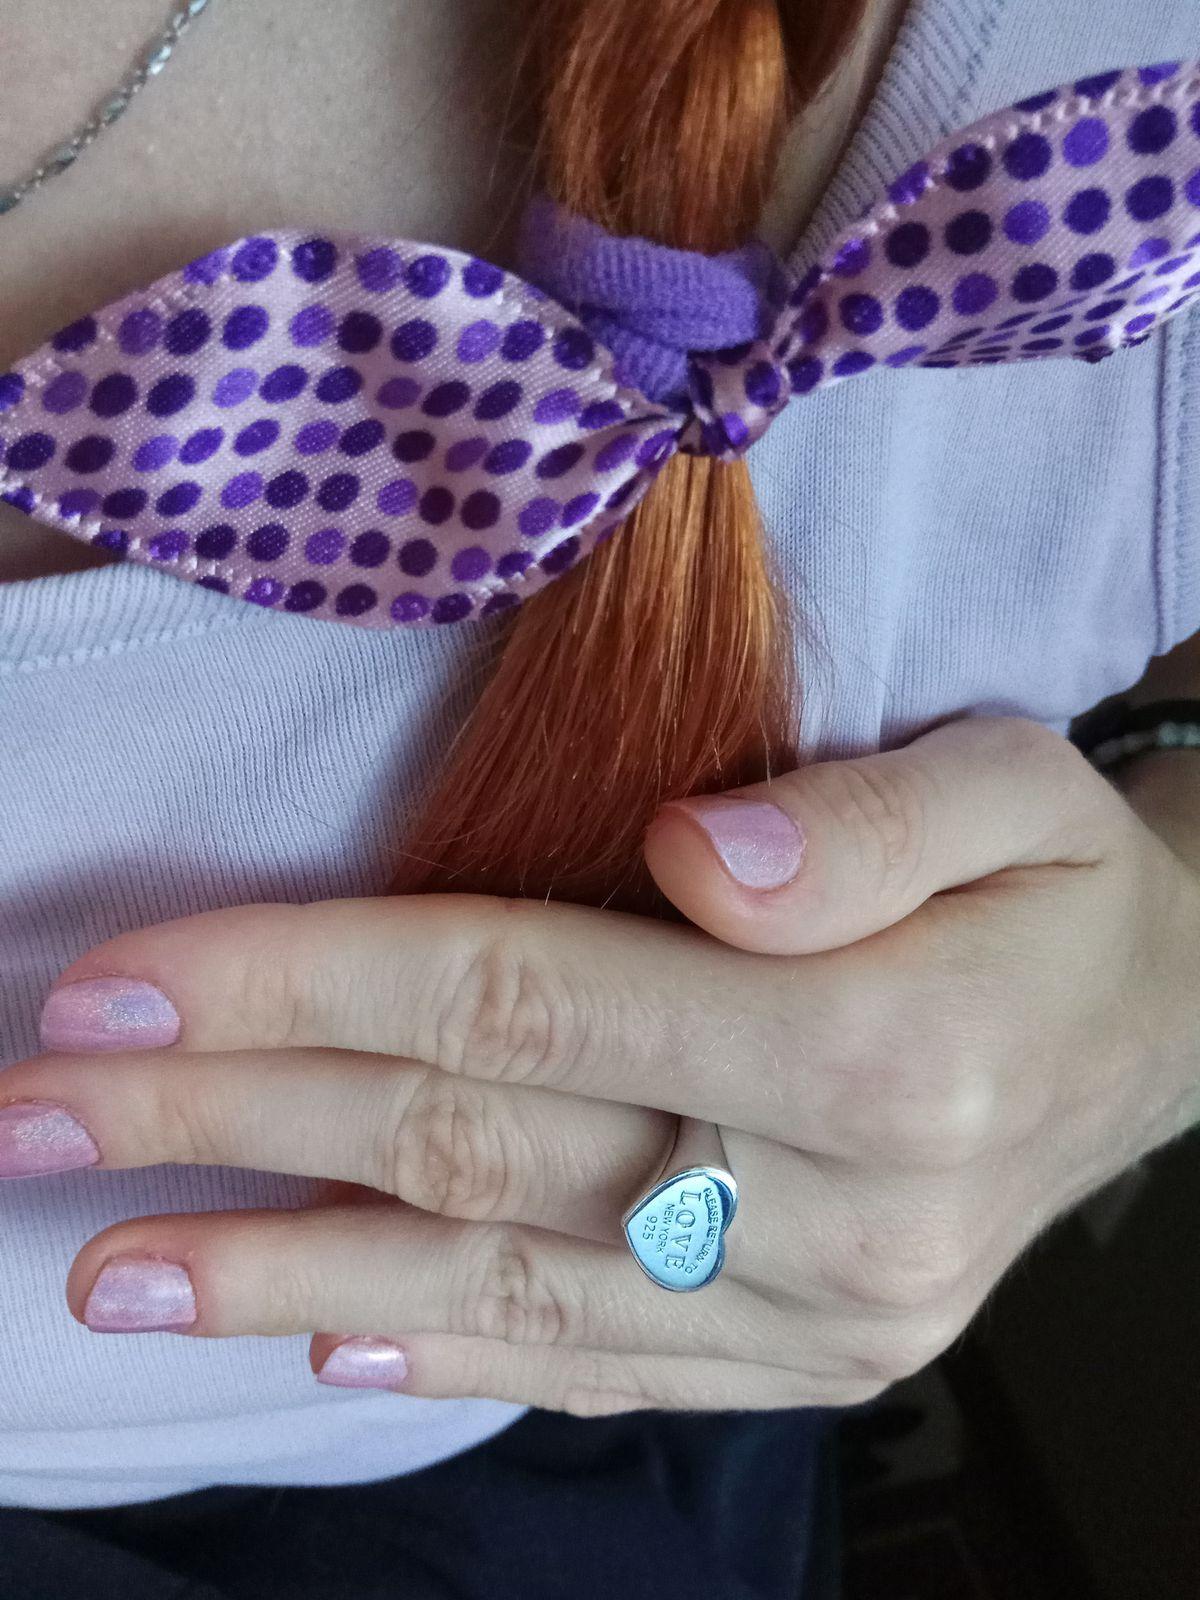 Идеально удобное кольцо!